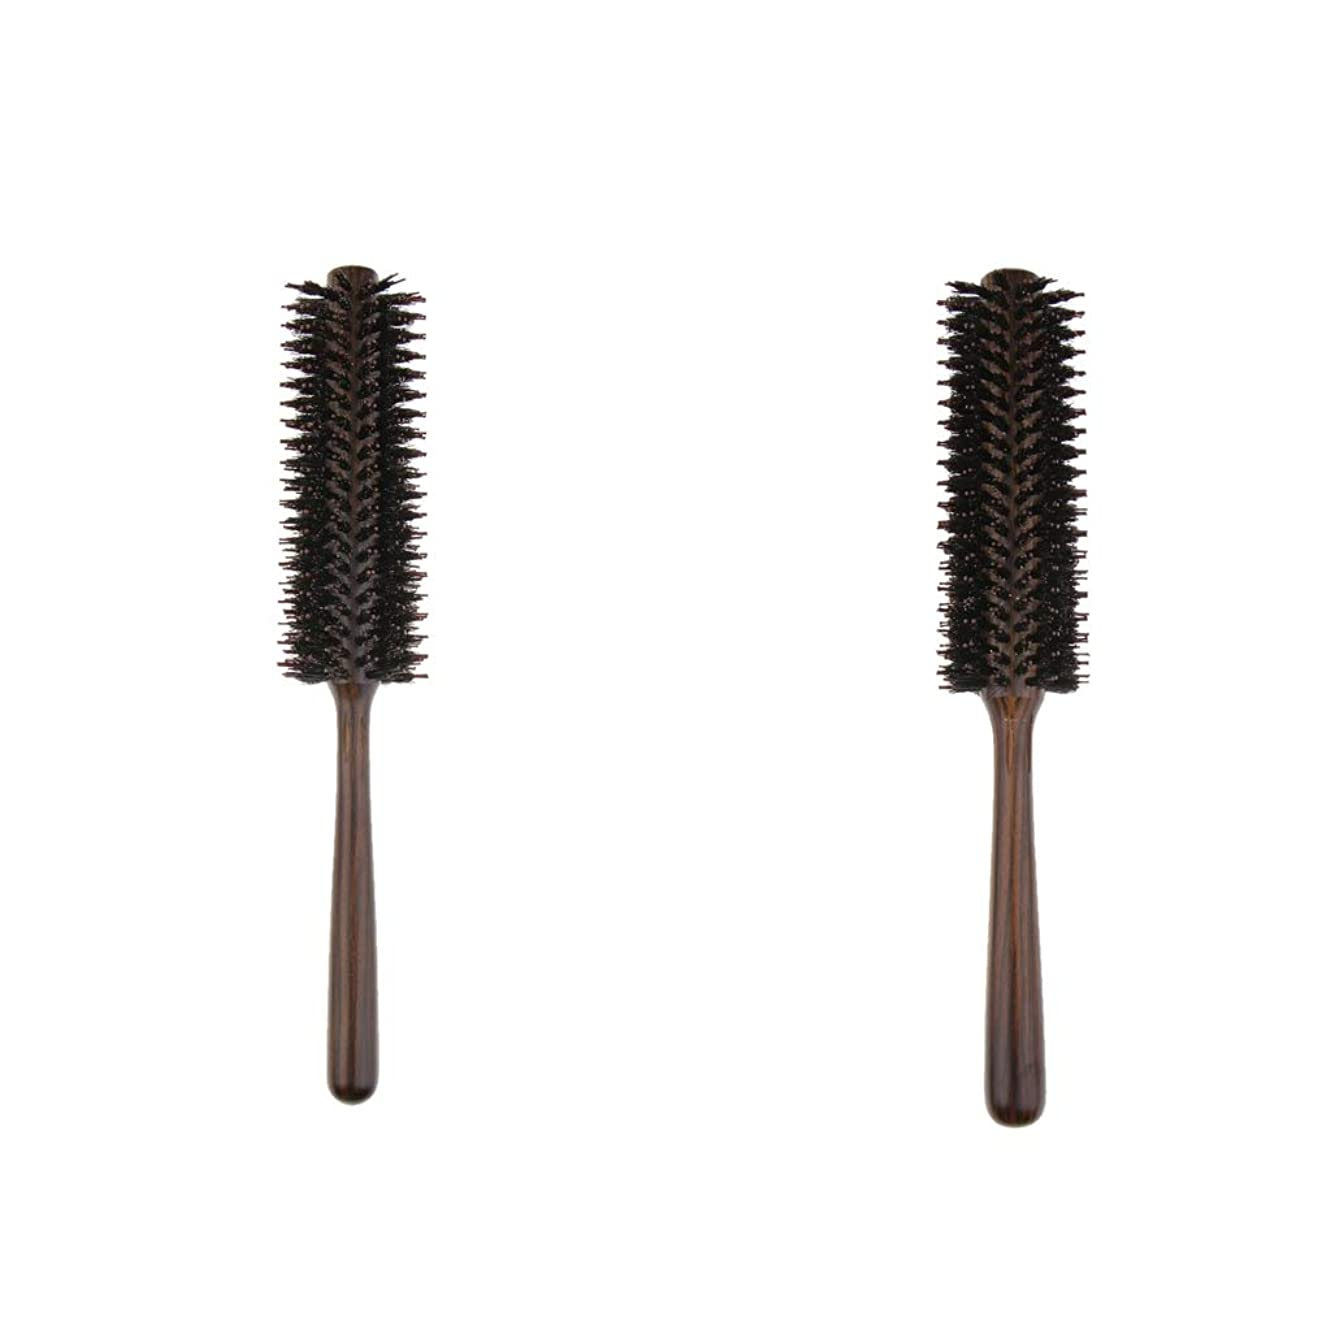 開始無限大略すB Blesiya 2本 ヘアブラシ 木製櫛 ロールブラシ プロ 美容師用 自宅用